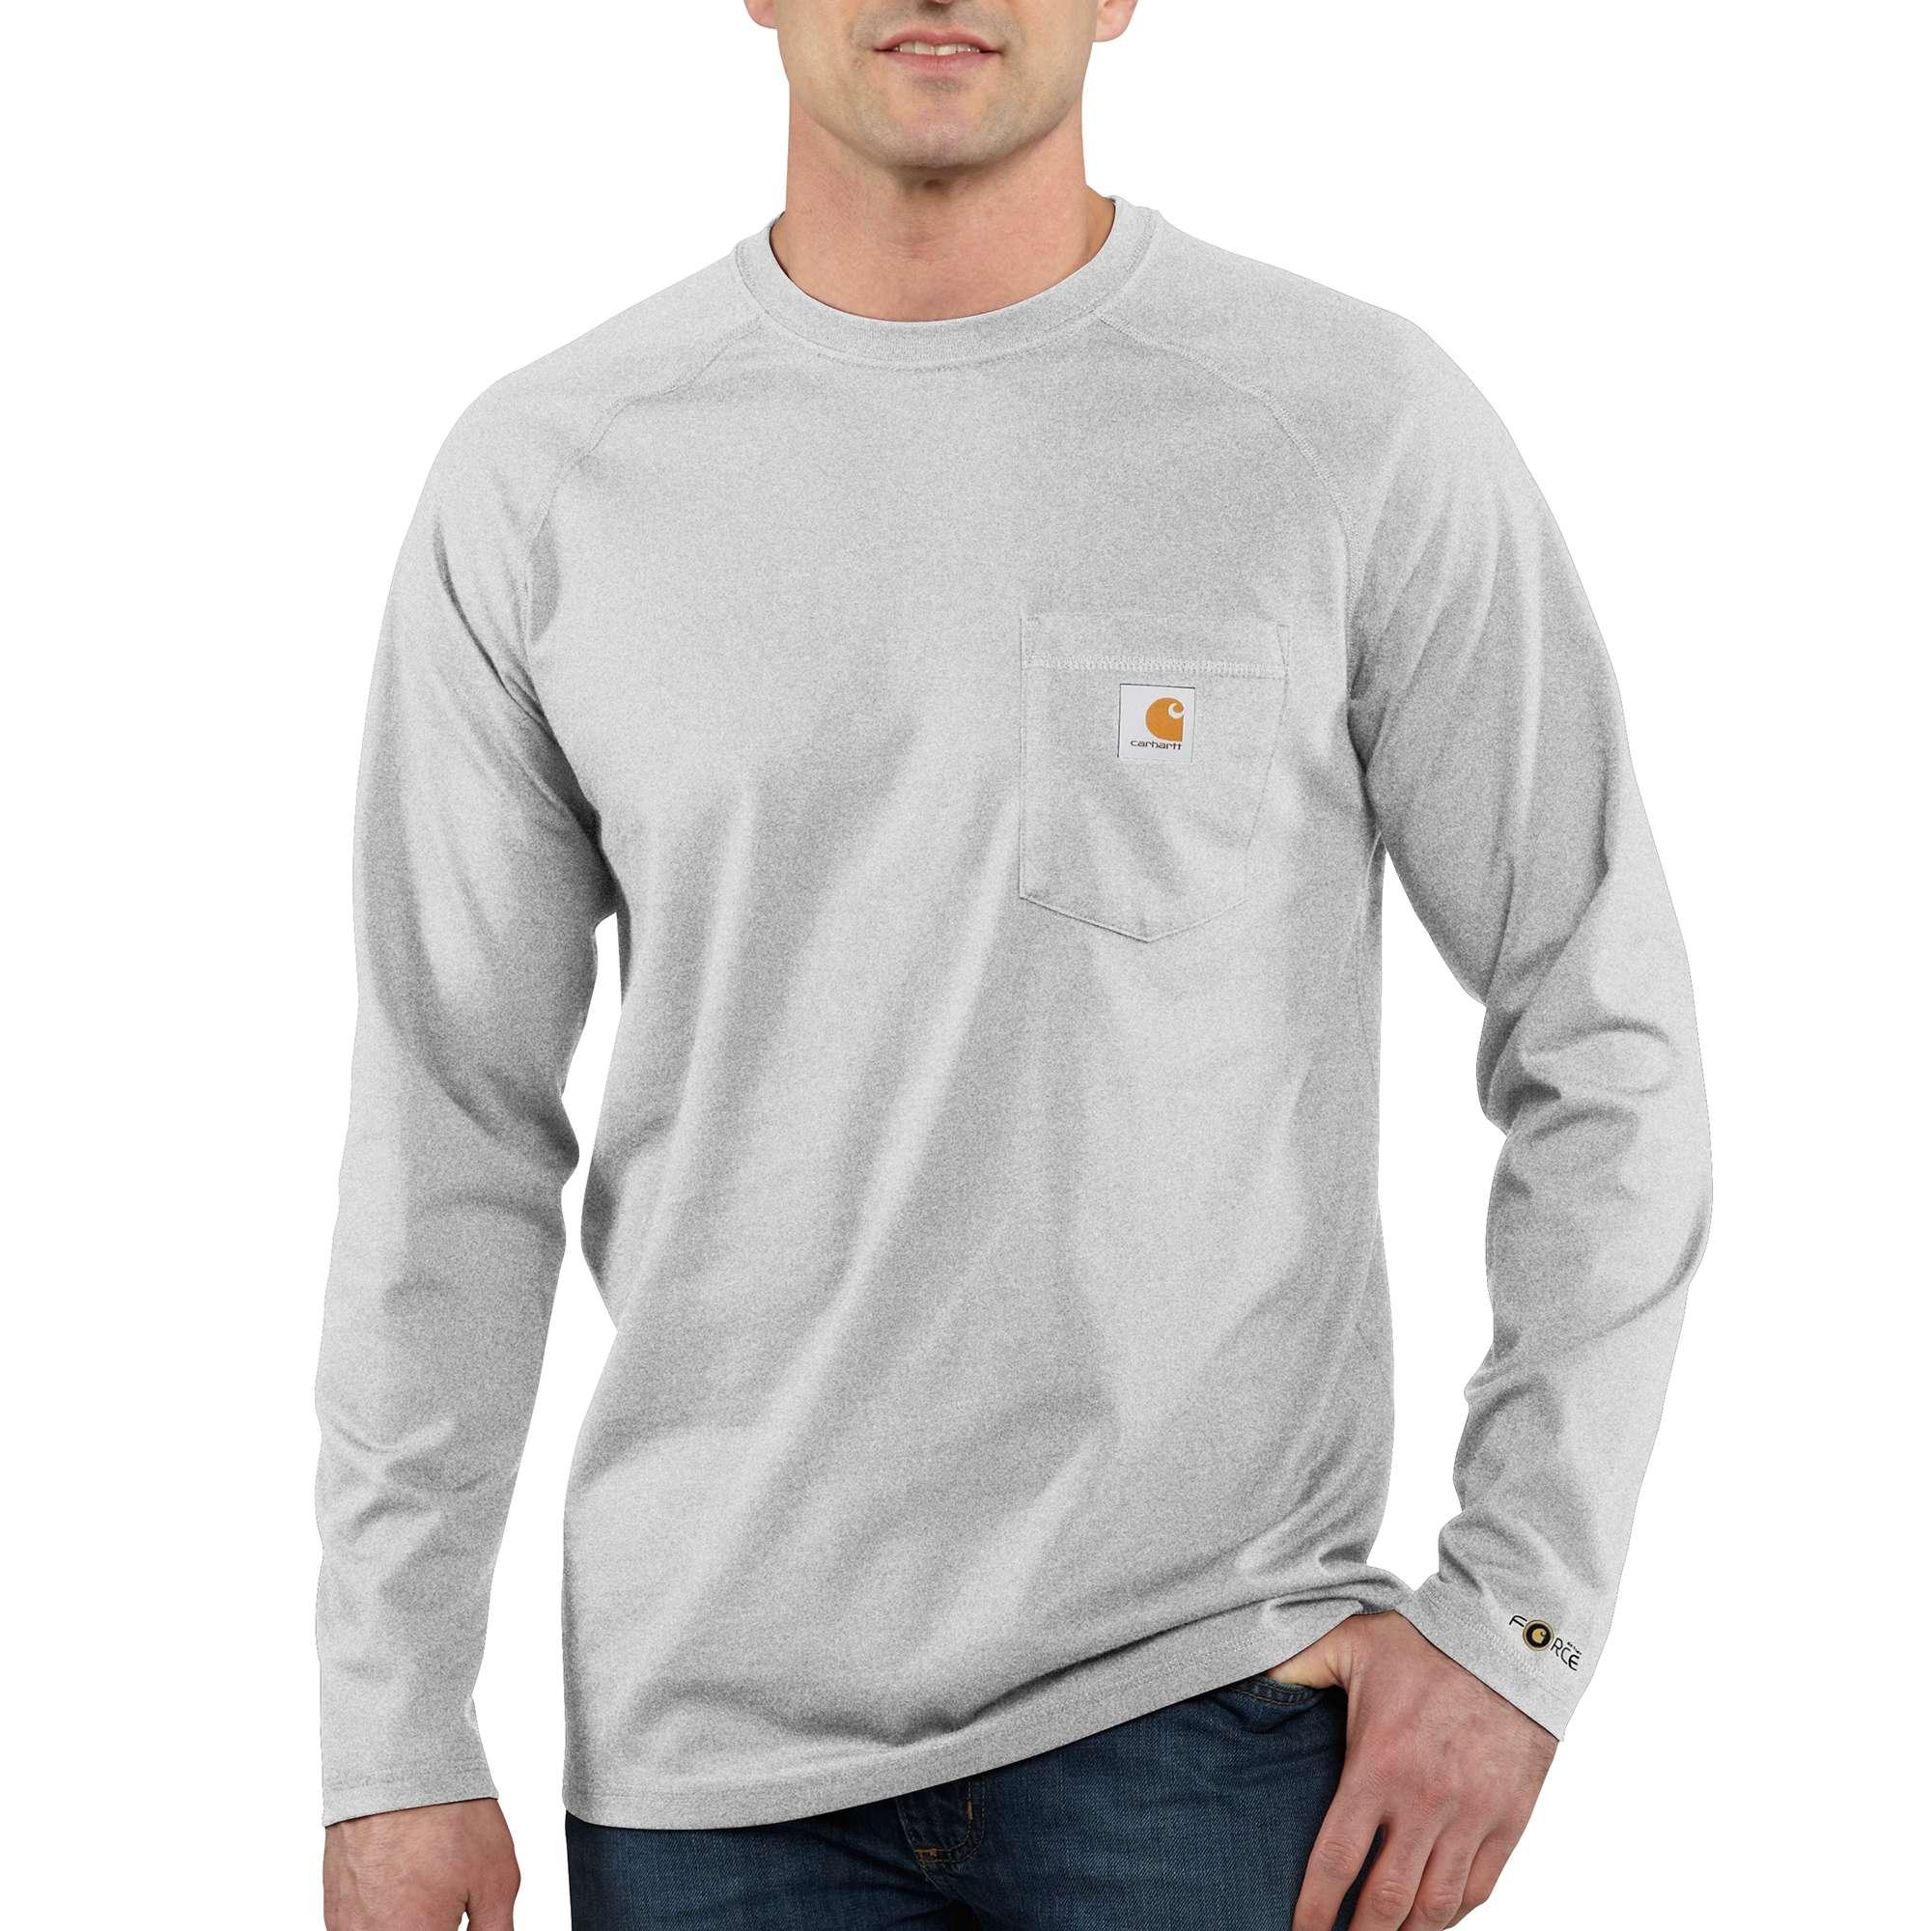 Carhartt Carhartt Force Cotton Delmont Long-sleeve T-shirt